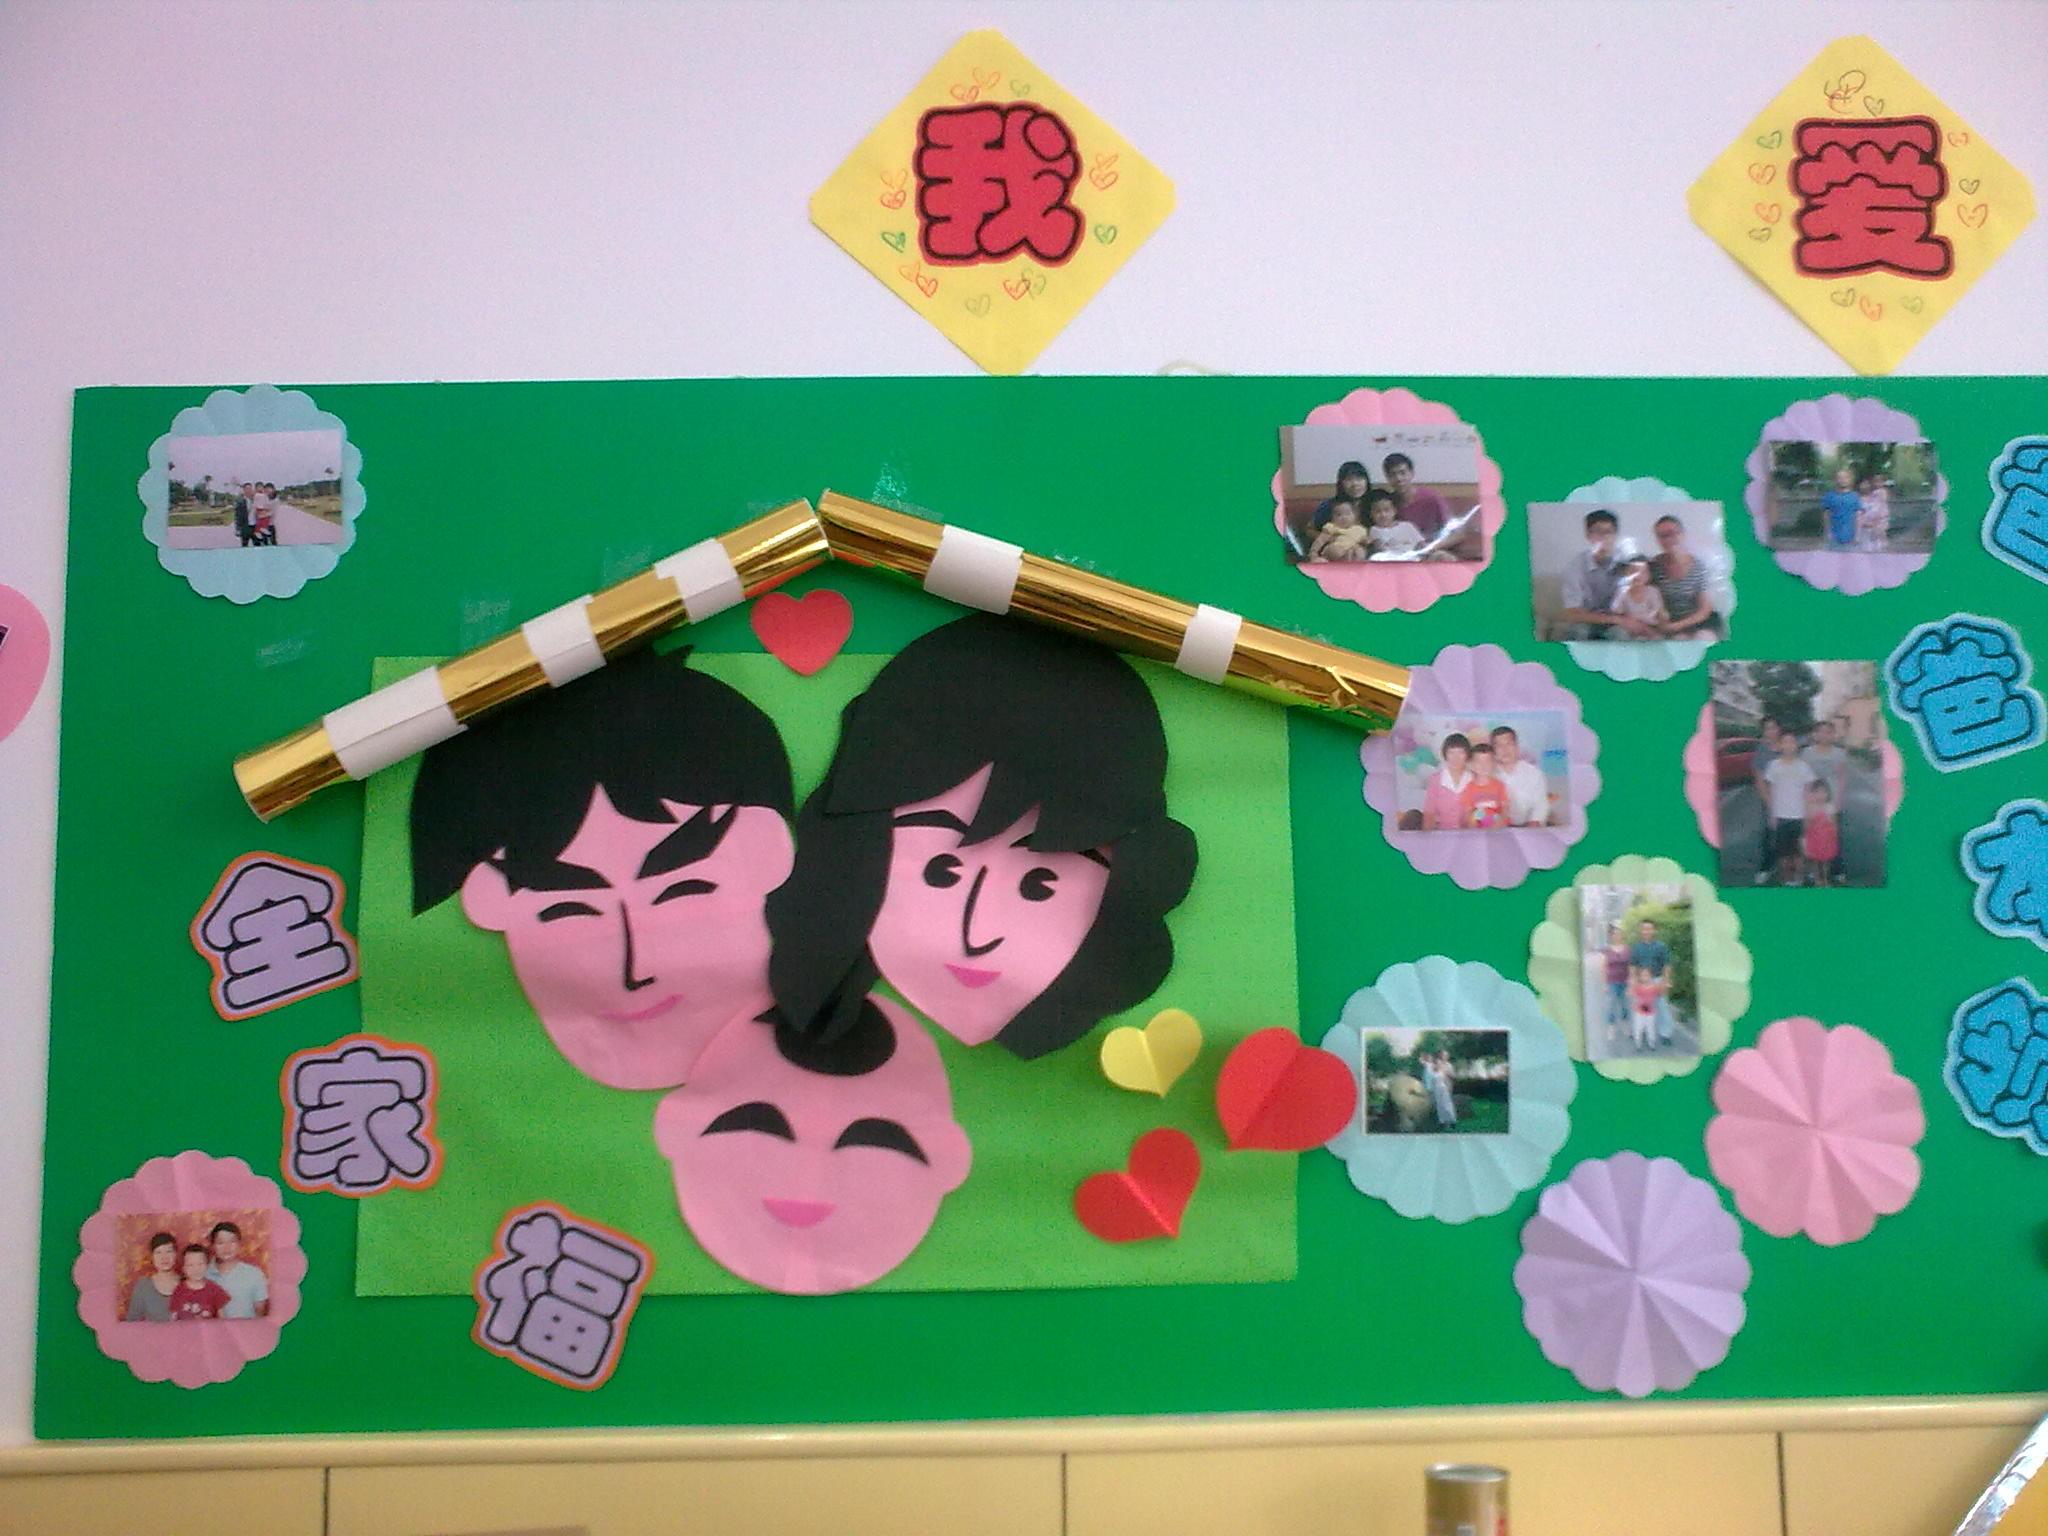 幼儿园小班全家福的简笔画分享展示图片